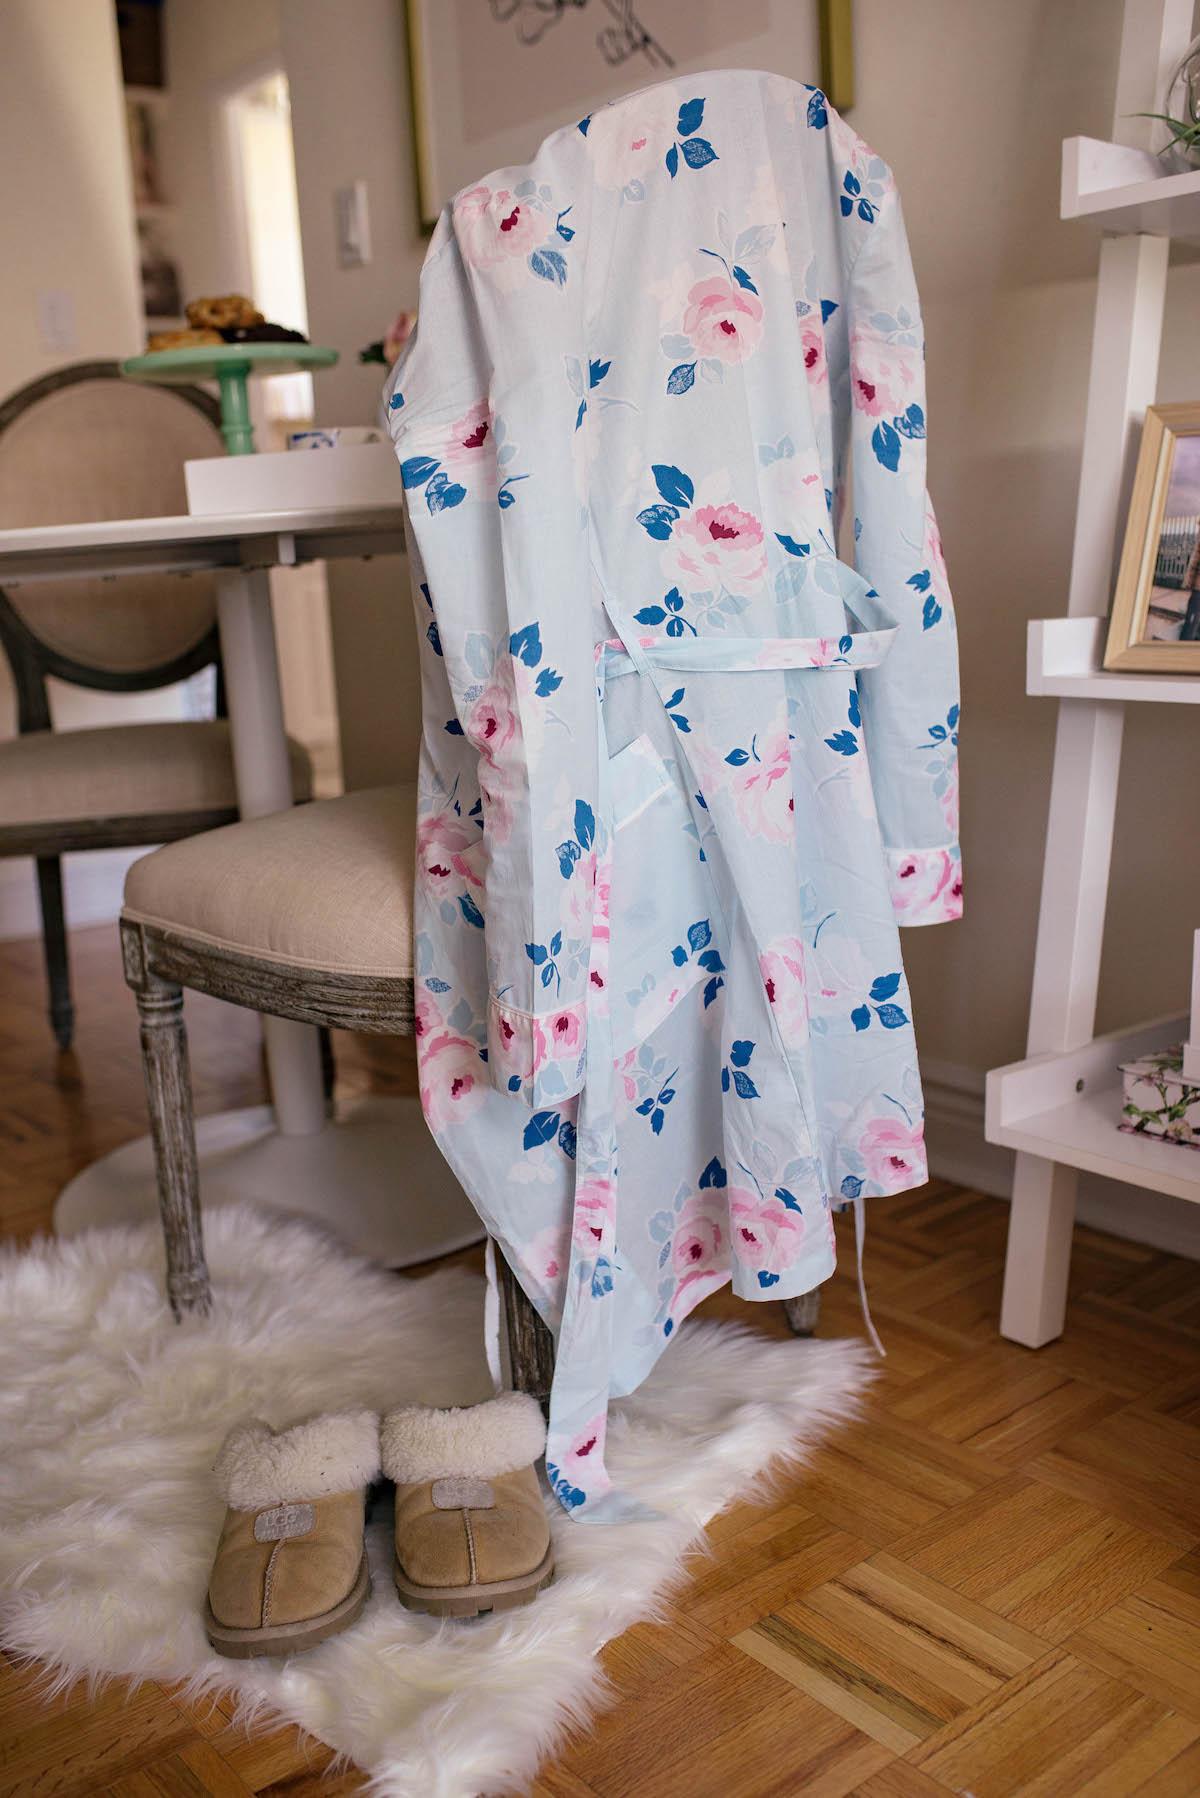 Cath Kidston Floral Robe